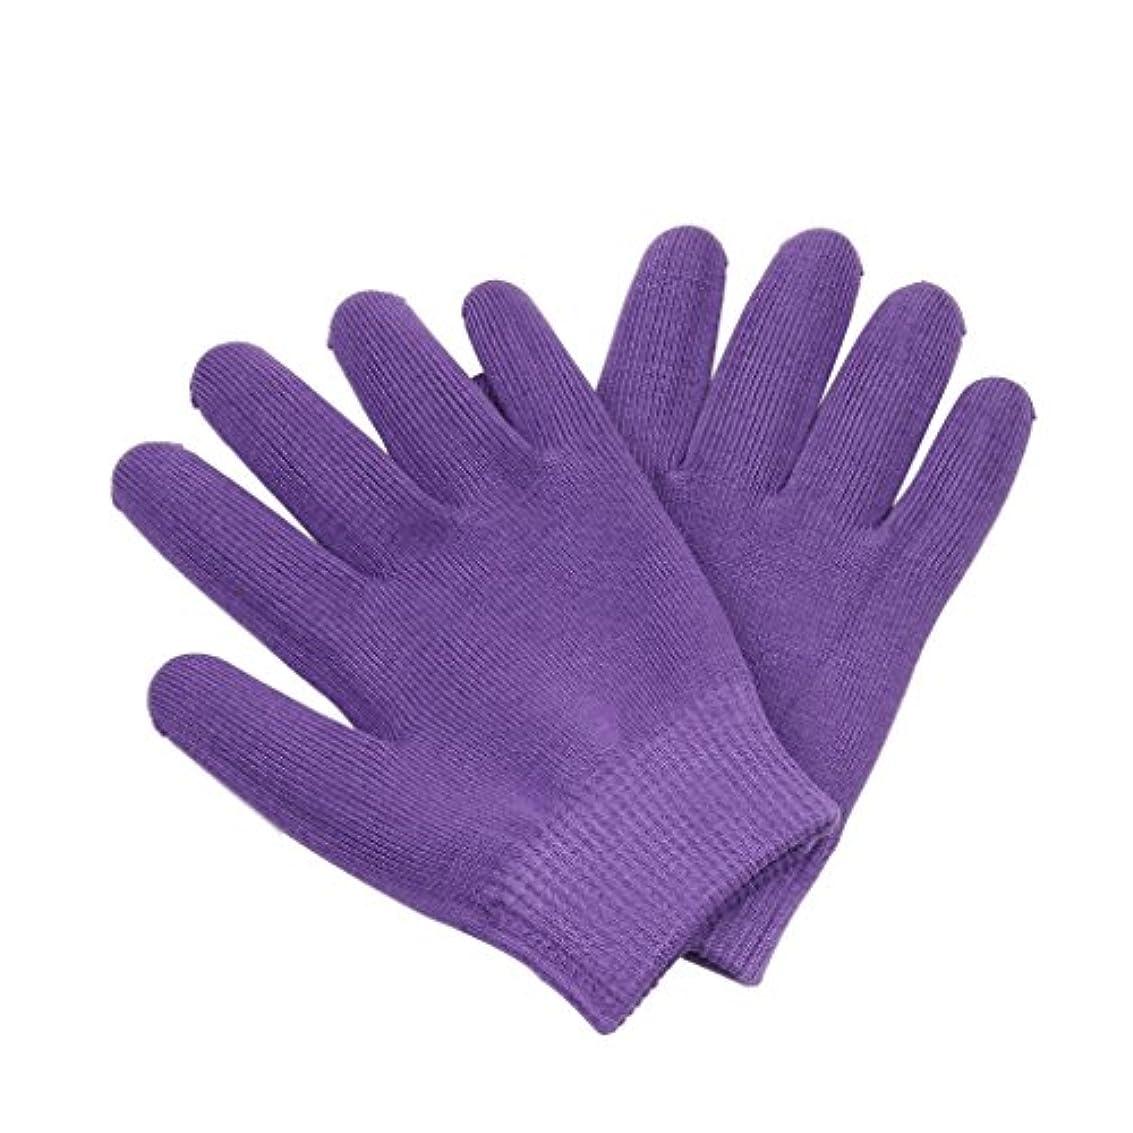 病気だと思う同様に意識的SONONIA 保湿手袋 おやすみ手袋 就寝用 手袋 手湿疹 肌荒れ 乾燥防止 乾燥肌 手荒れ 保湿 スキンケア 全3色選べ - 紫